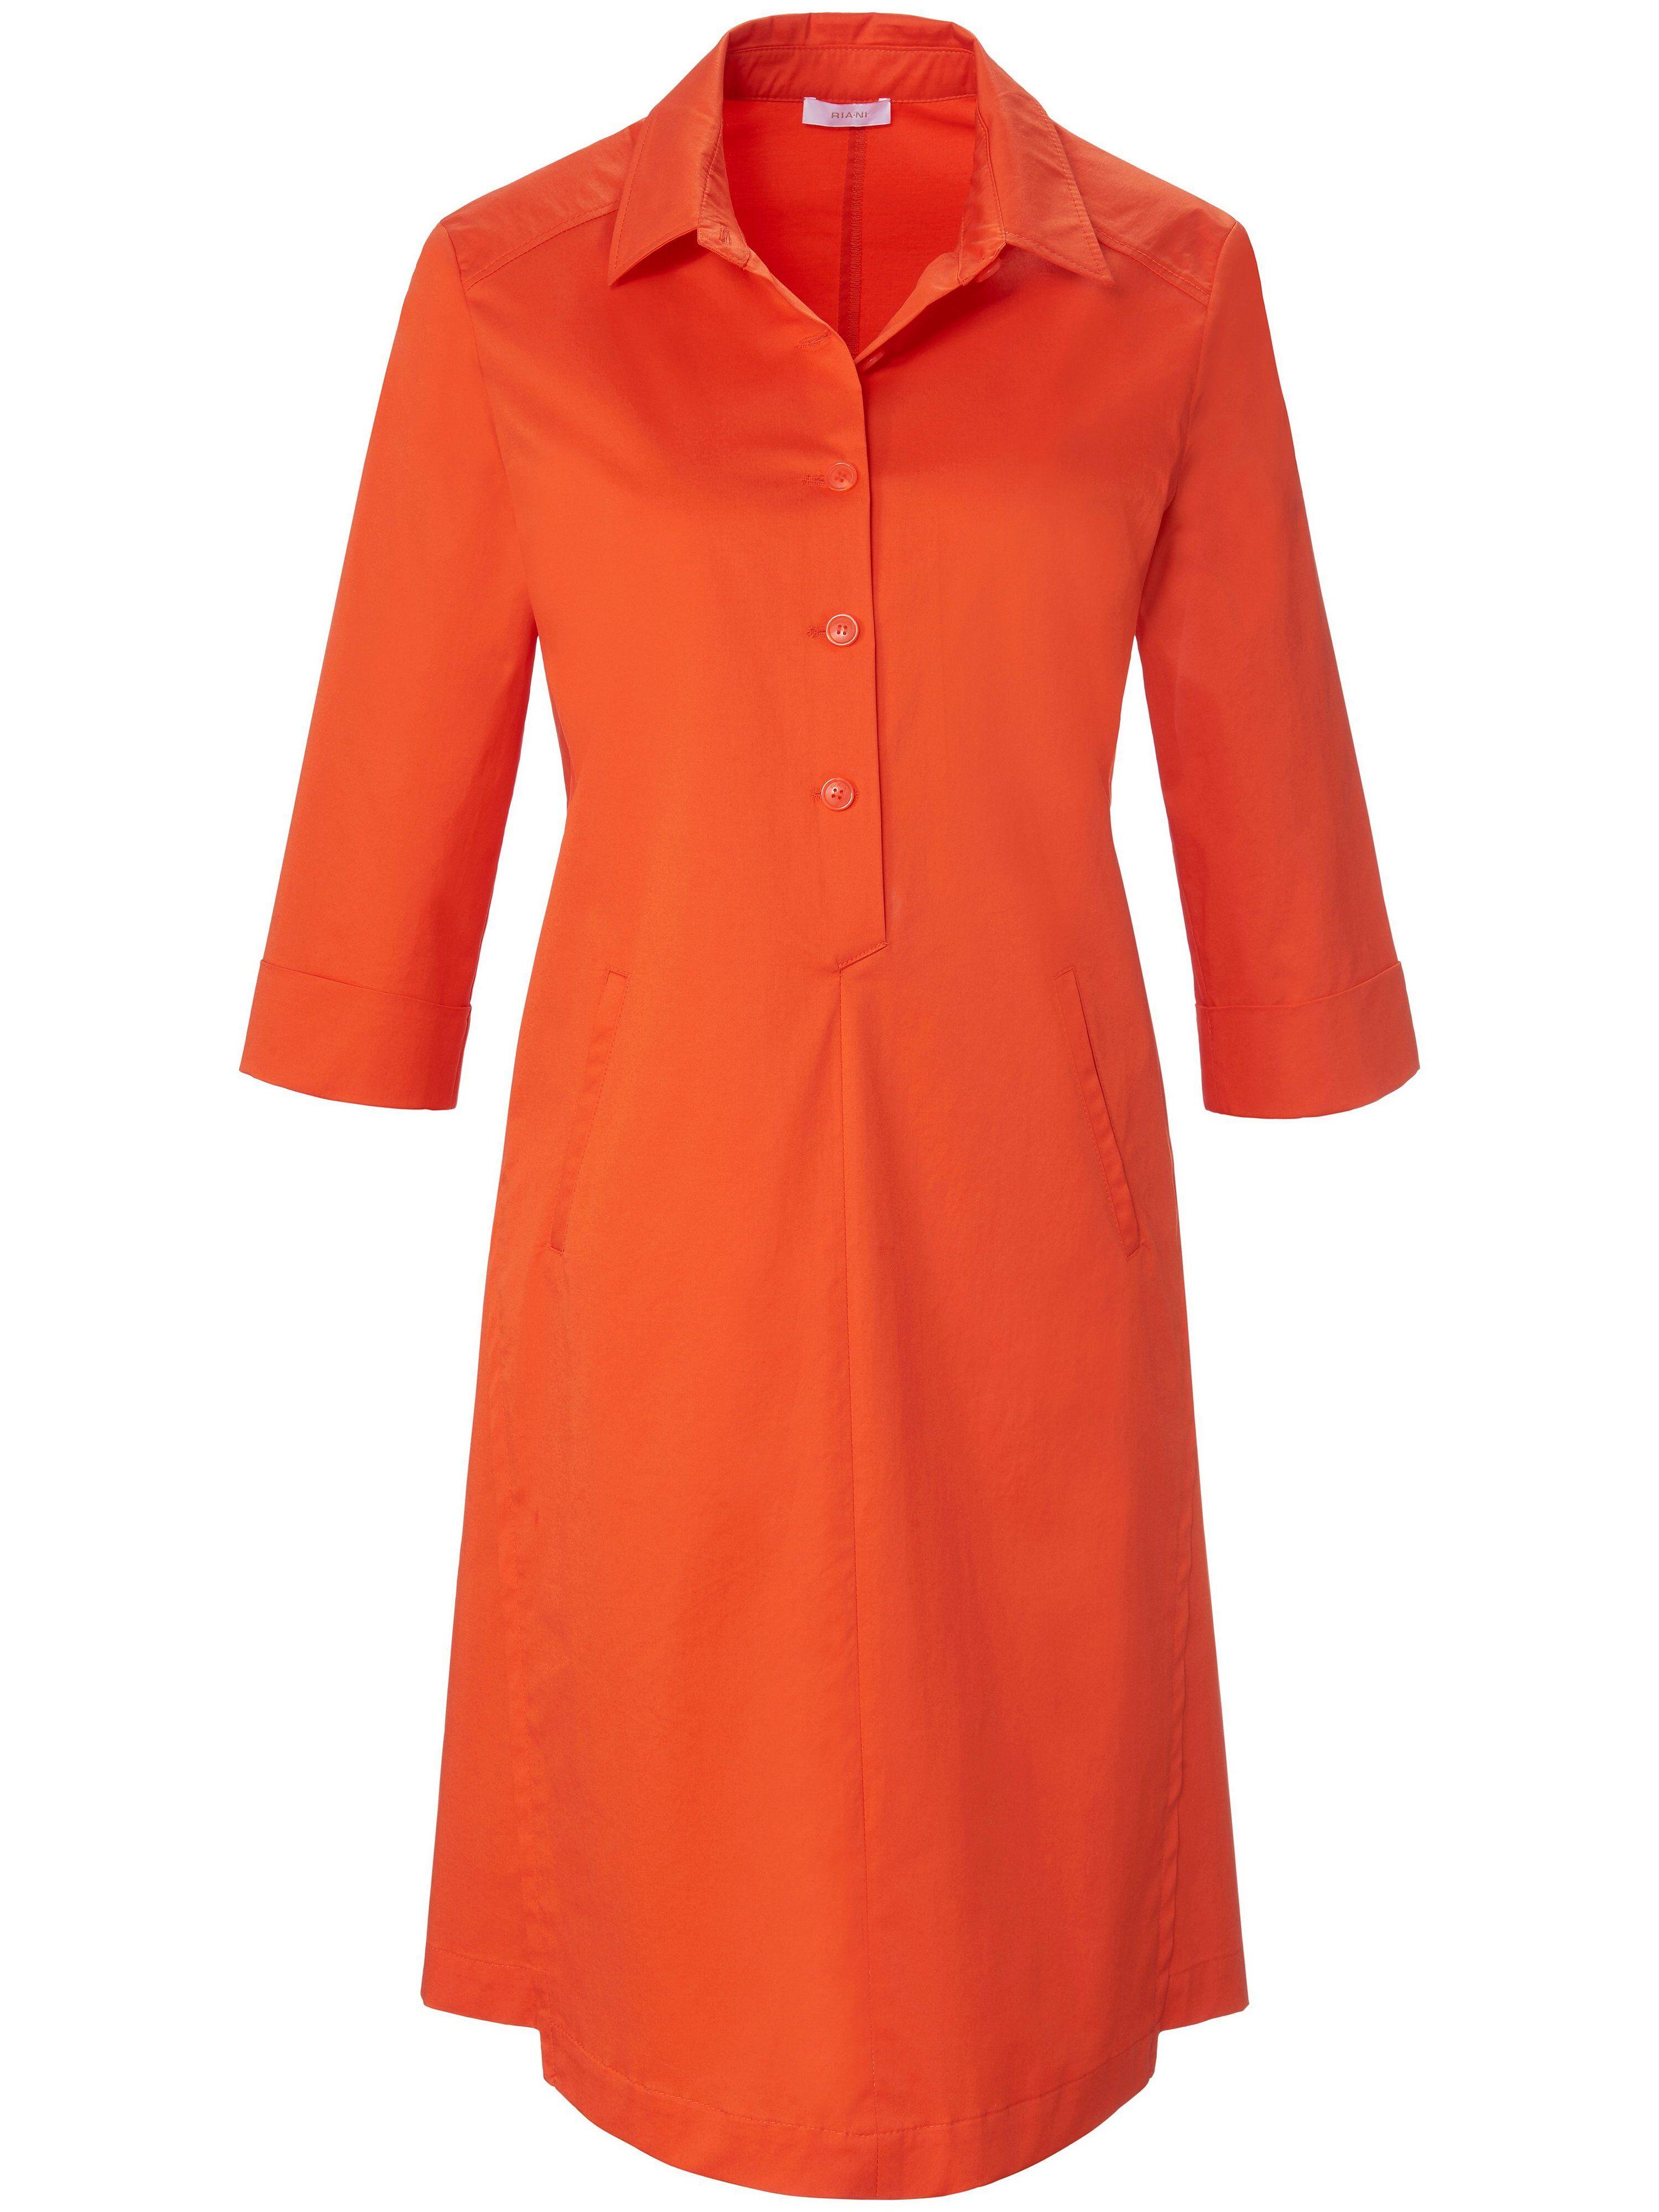 Riani La robe ligne chemisier manches 3/4  Riani orange  - Femme - 38